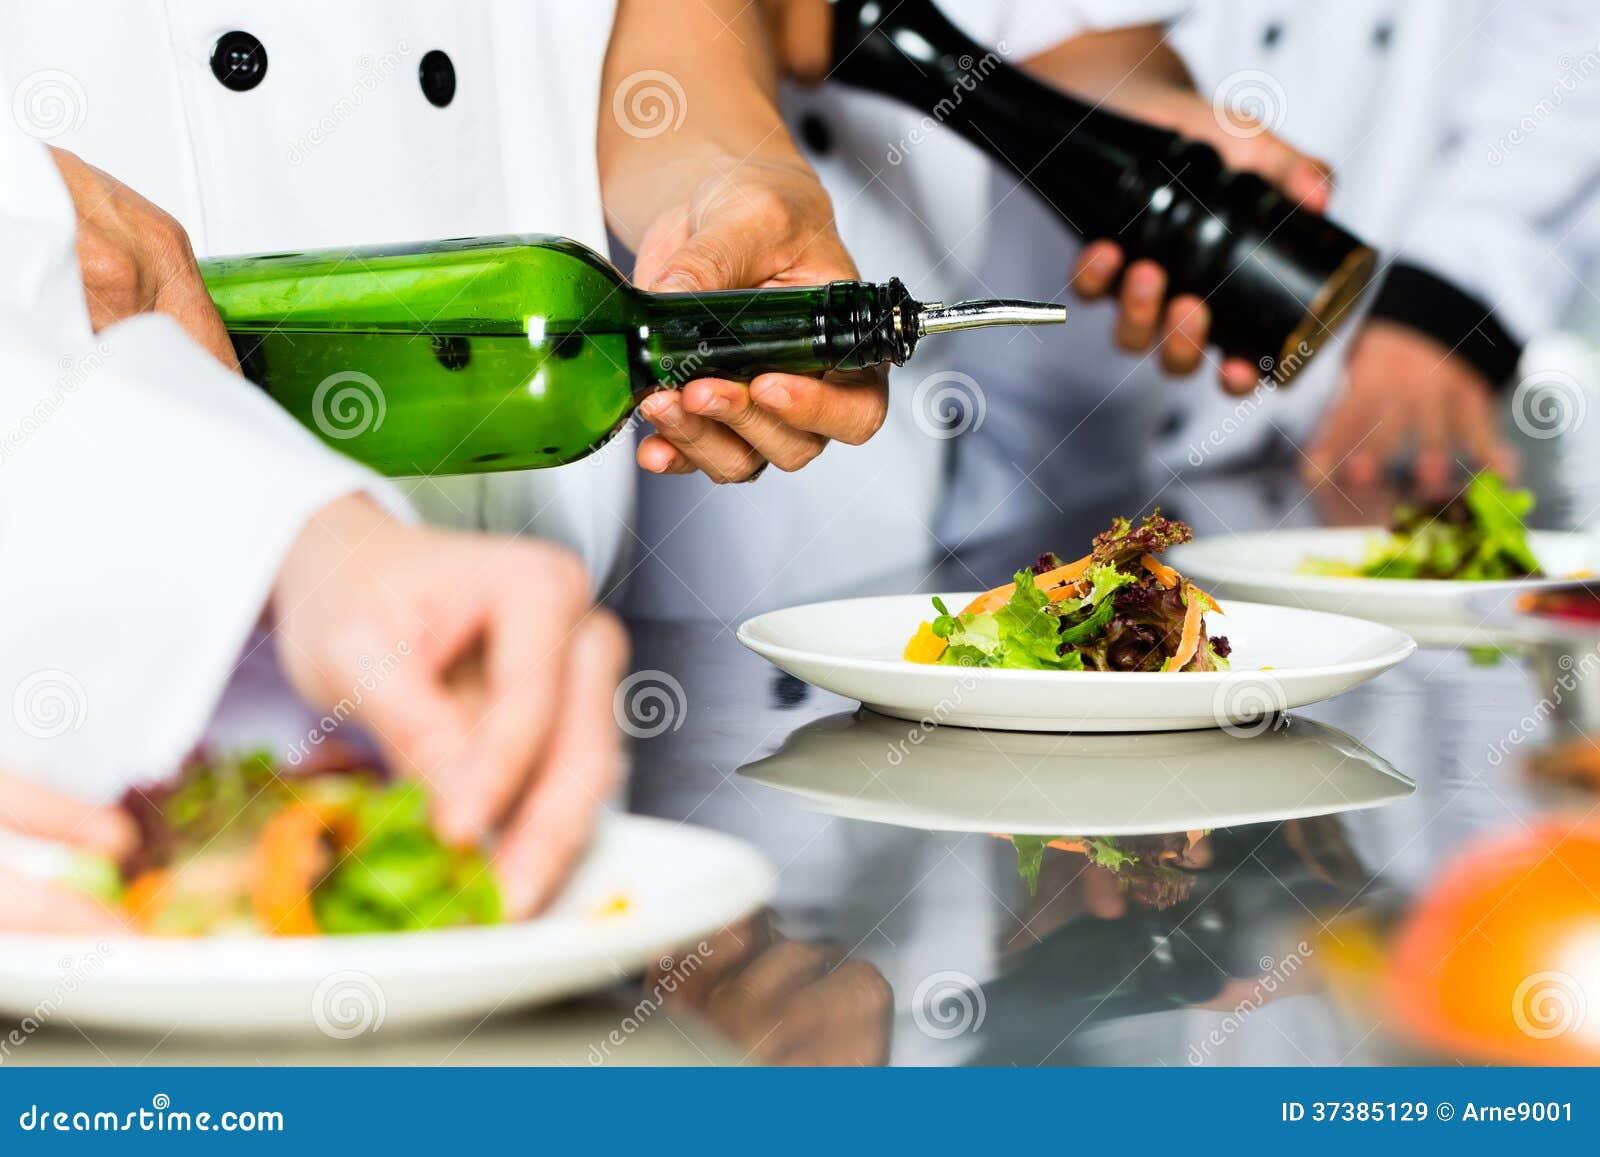 Ασιατικός αρχιμάγειρας στο μαγείρεμα κουζινών εστιατορίων